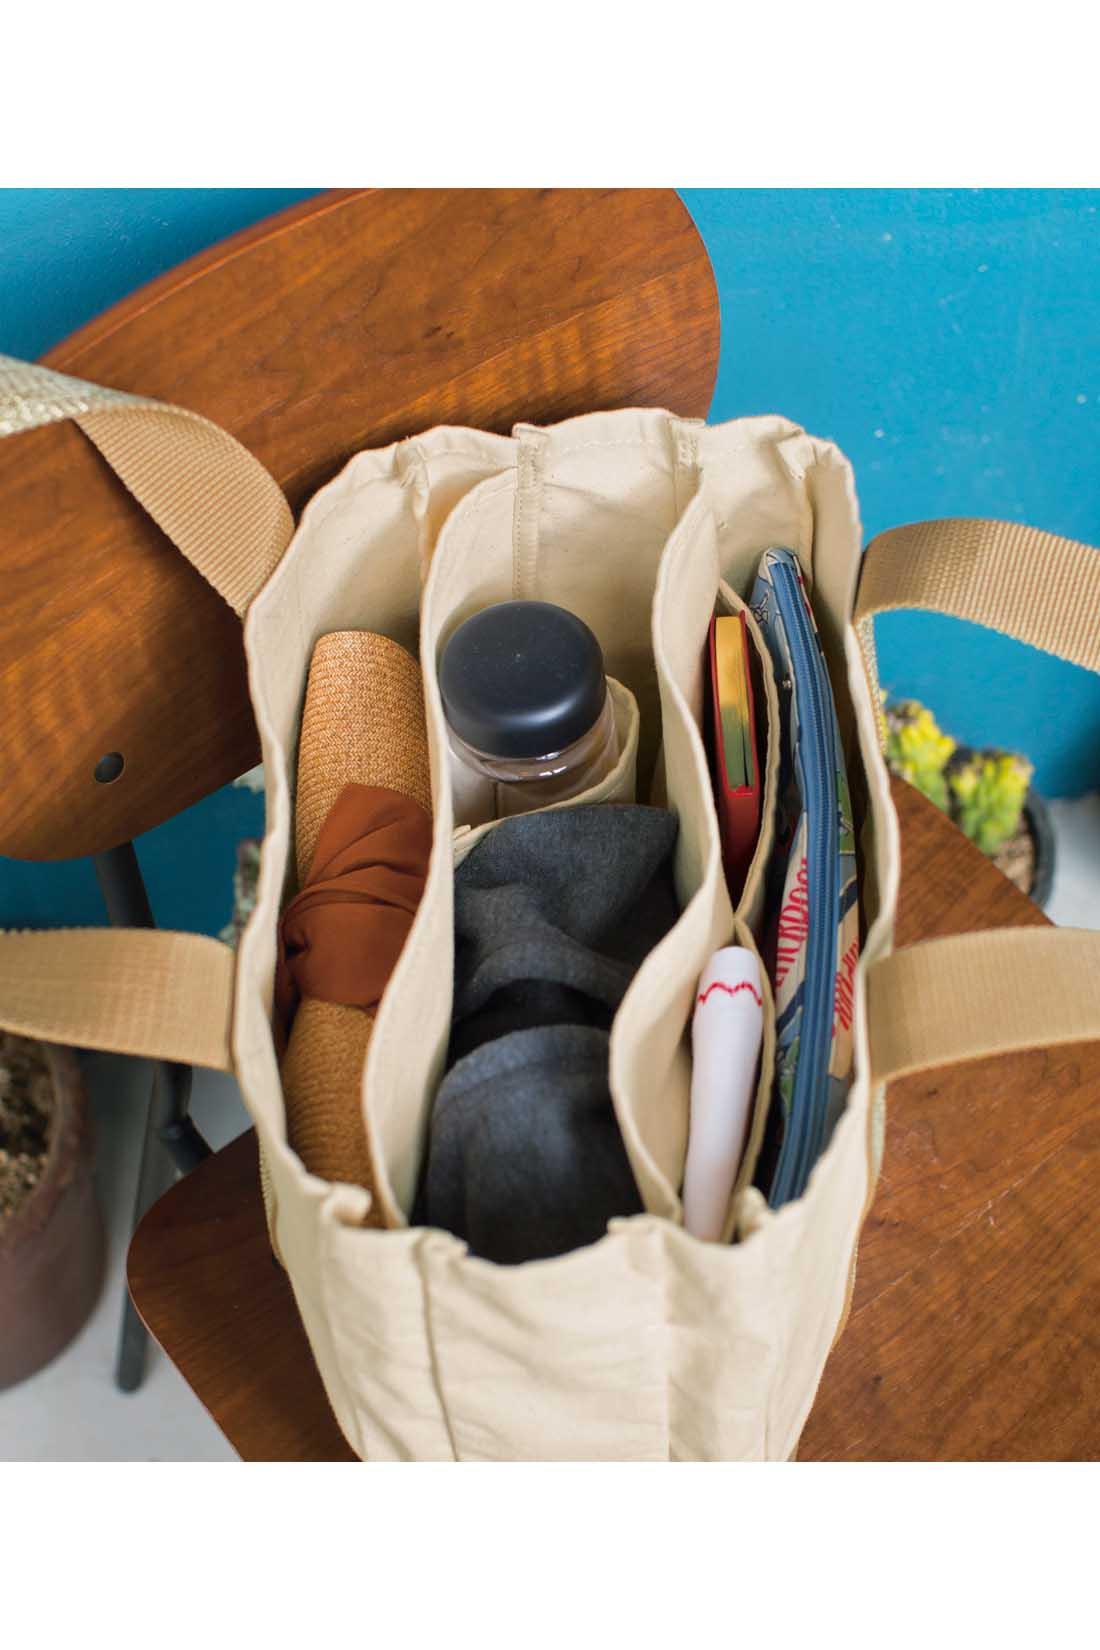 3部屋構造+ペットボトルポケット+2つの仕切りポケットなどで、スキッと収納。